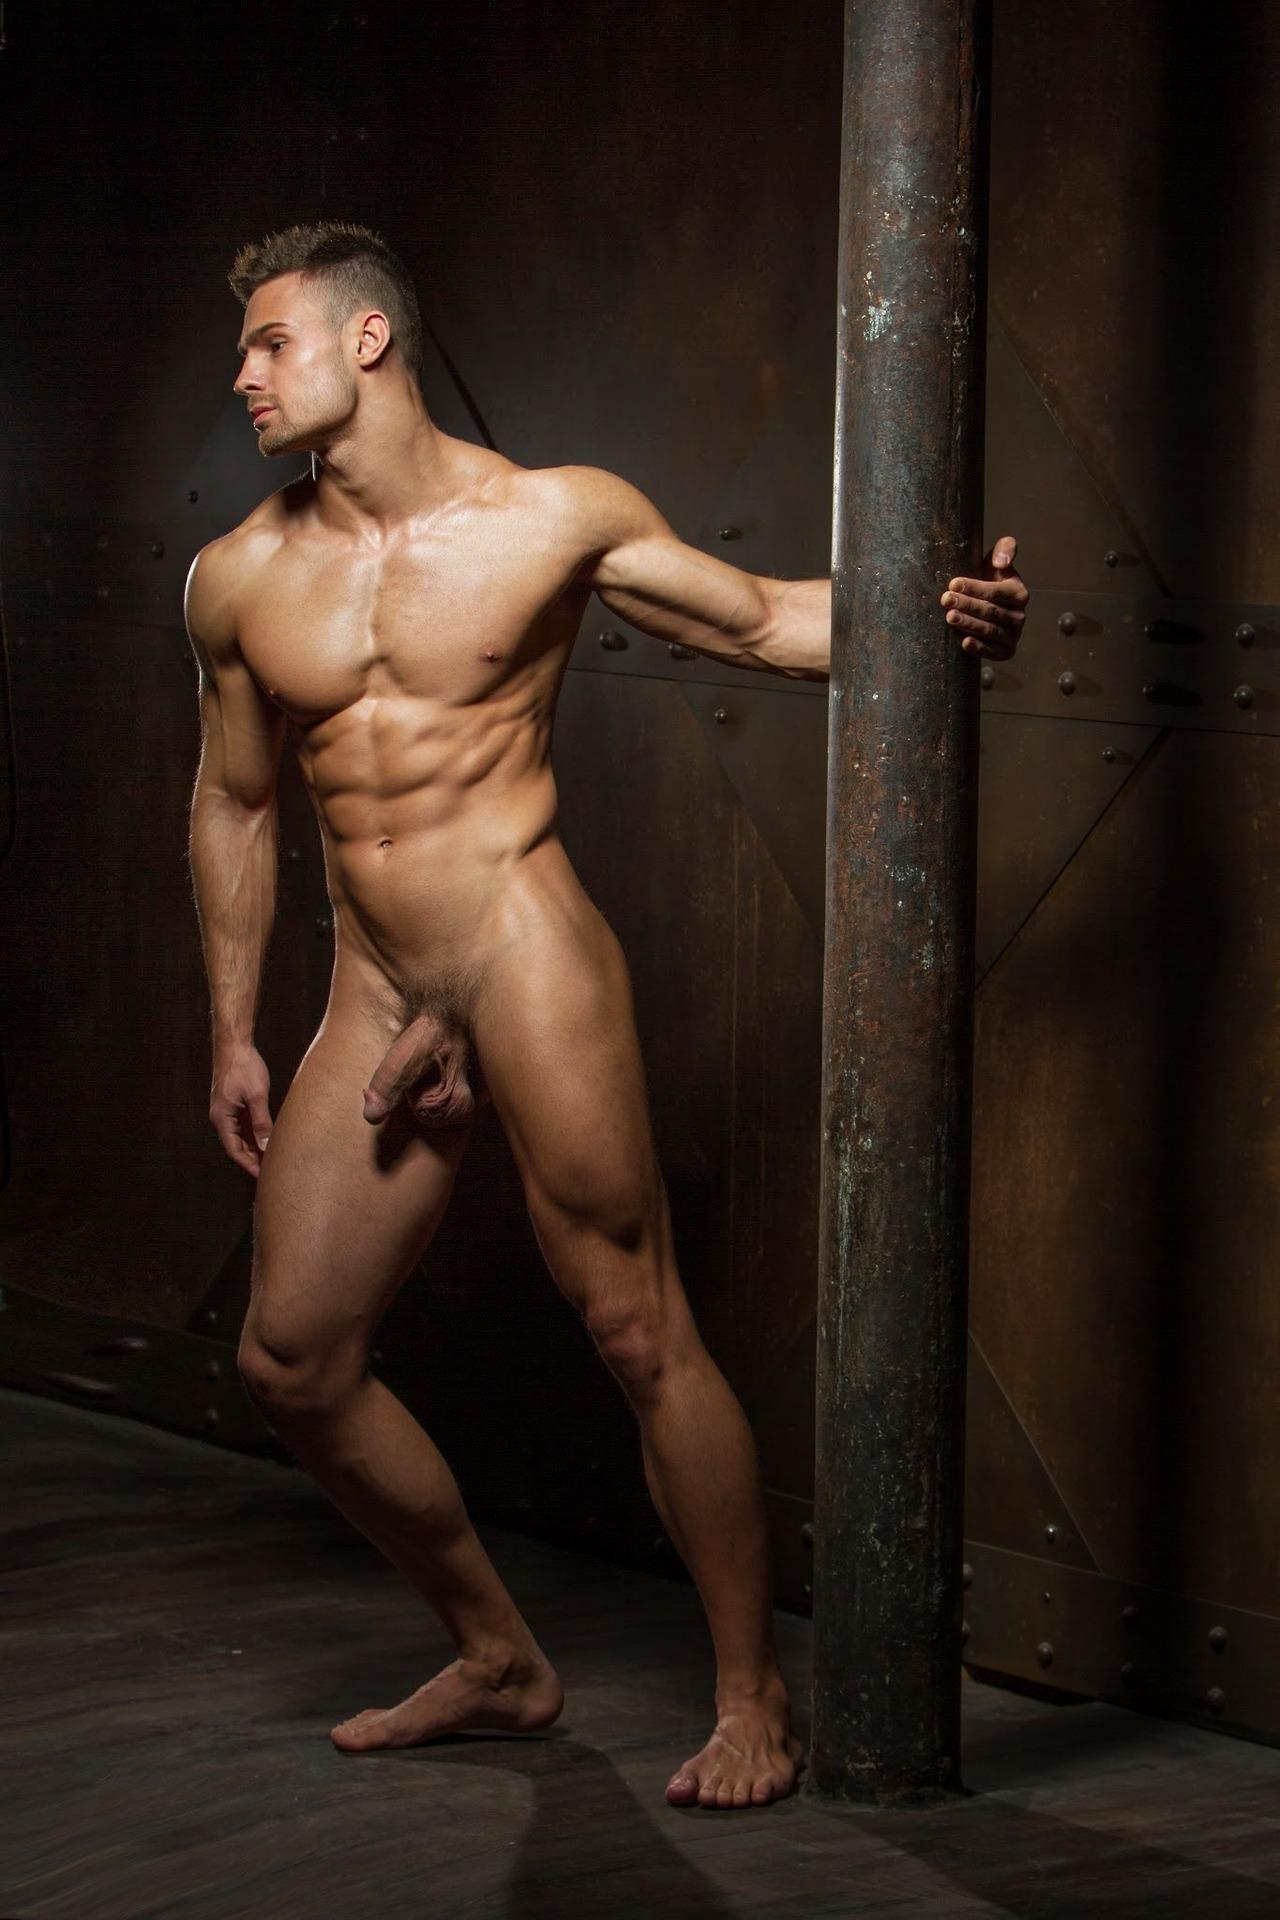 Porn Full naked